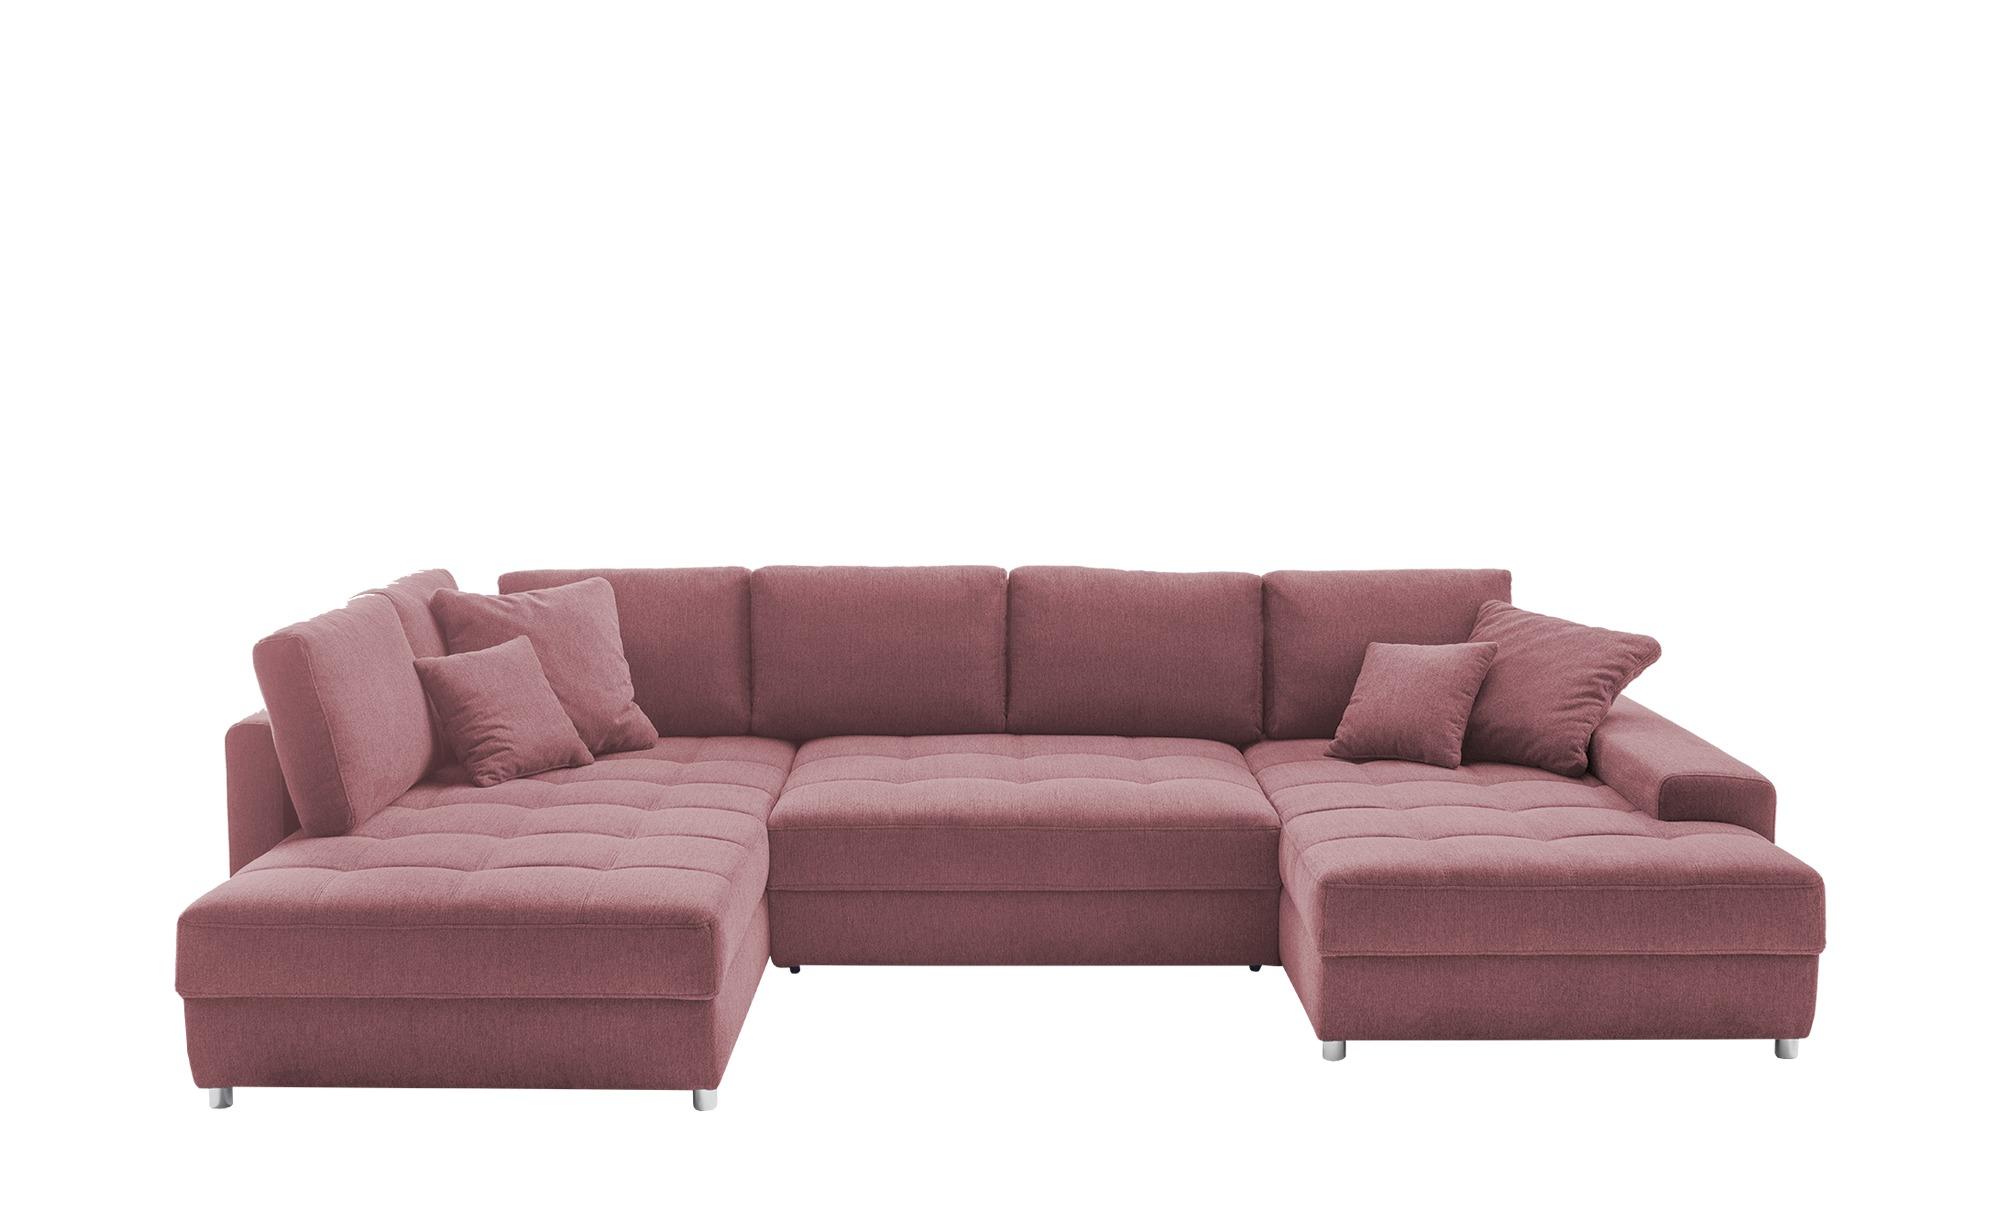 bobb Wohnlandschaft  Arissa de Luxe ¦ rosa/pink ¦ Maße (cm): B: 353 T: 181 Polstermöbel > Sofas > Schlafsofas - Höffner